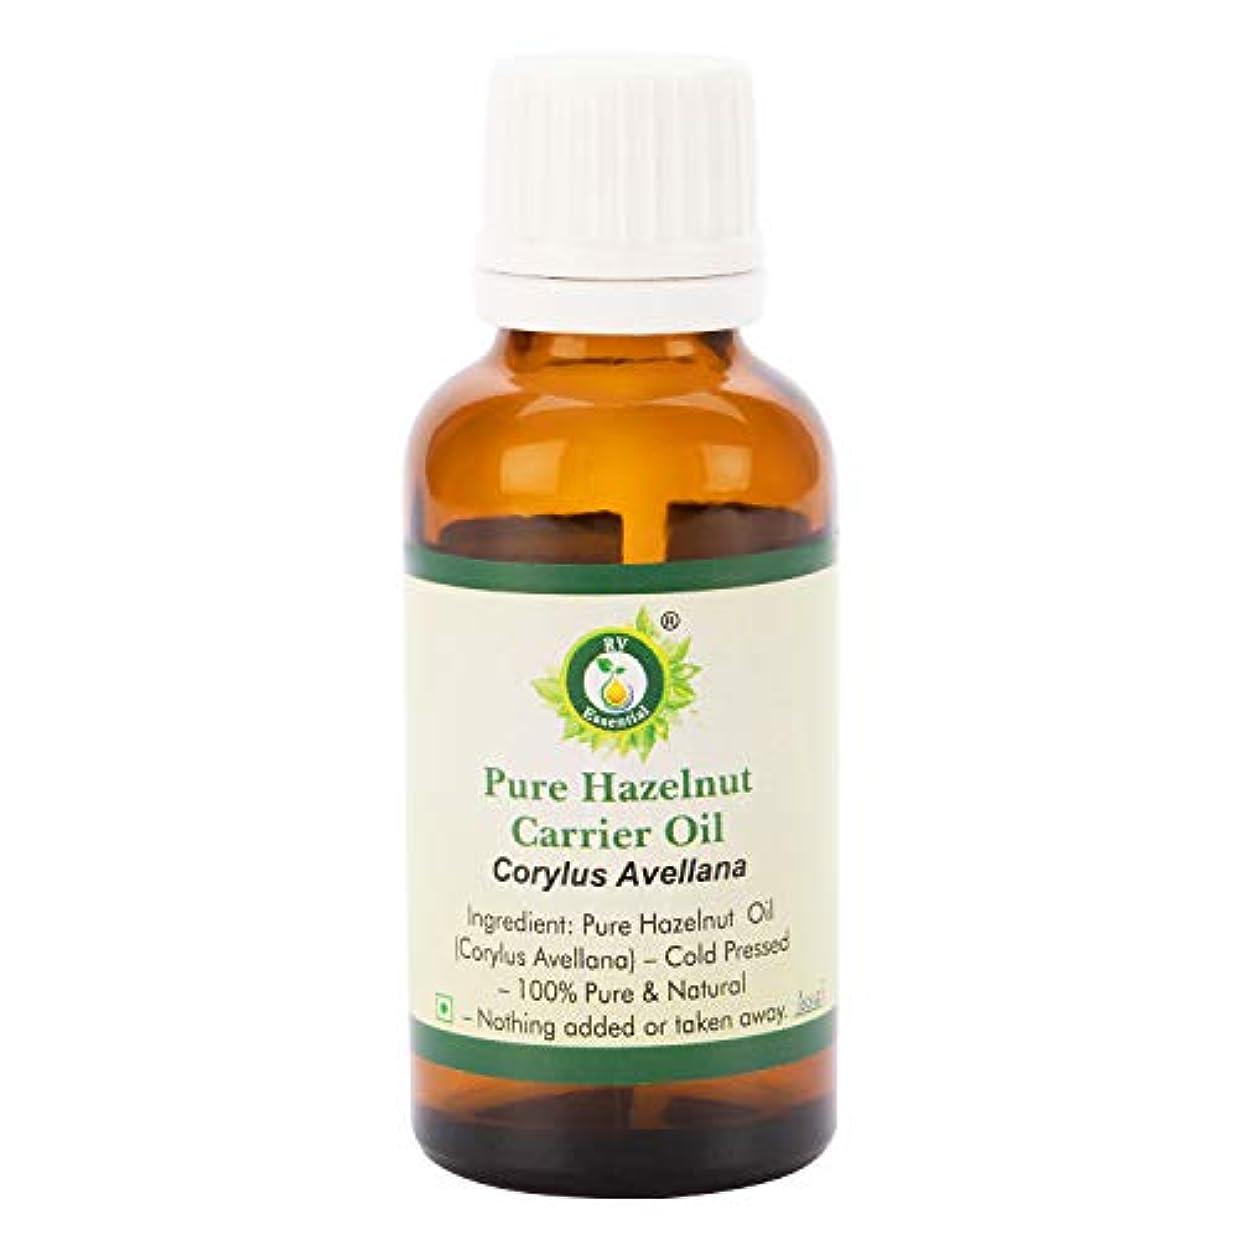 セール出費外国人ピュアヘーゼルナッツキャリアオイル30ml (1.01oz)- Corylus Avellana (100%ピュア&ナチュラルコールドPressed) Pure Hazelnut Carrier Oil